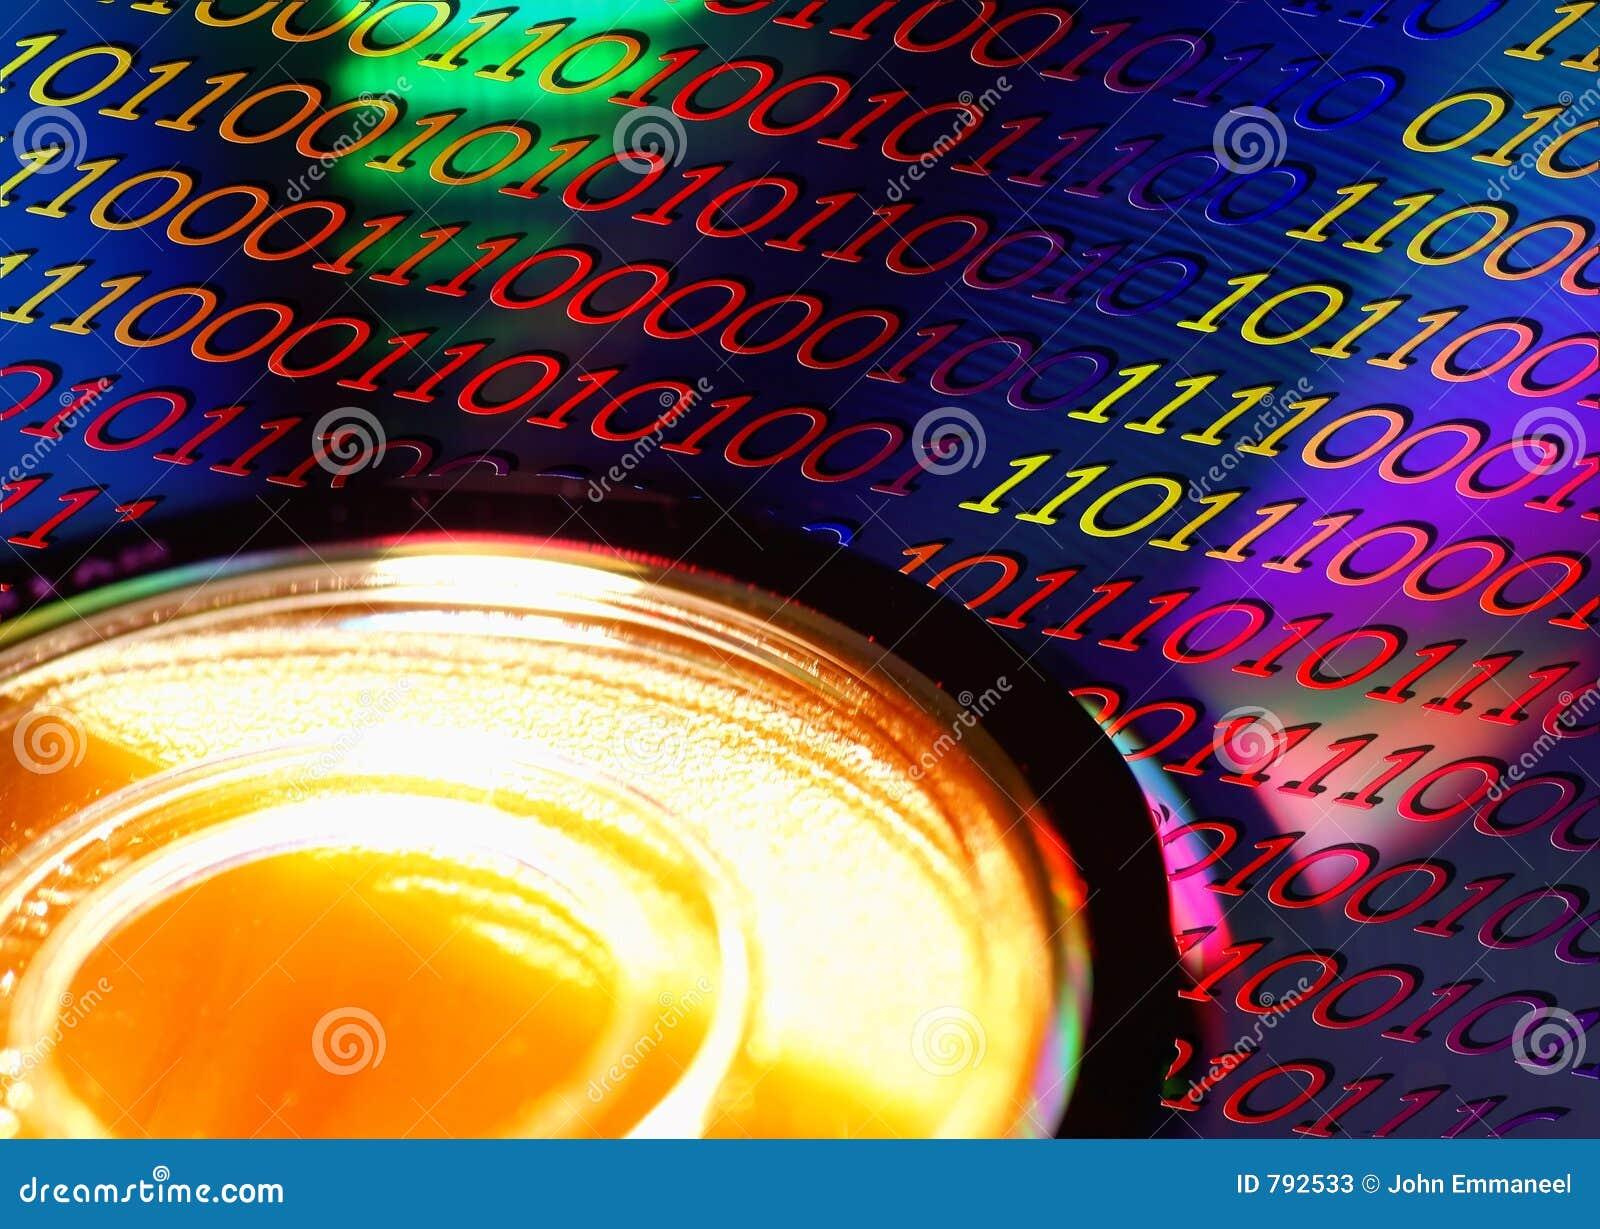 Schijf DVD met code Binaire